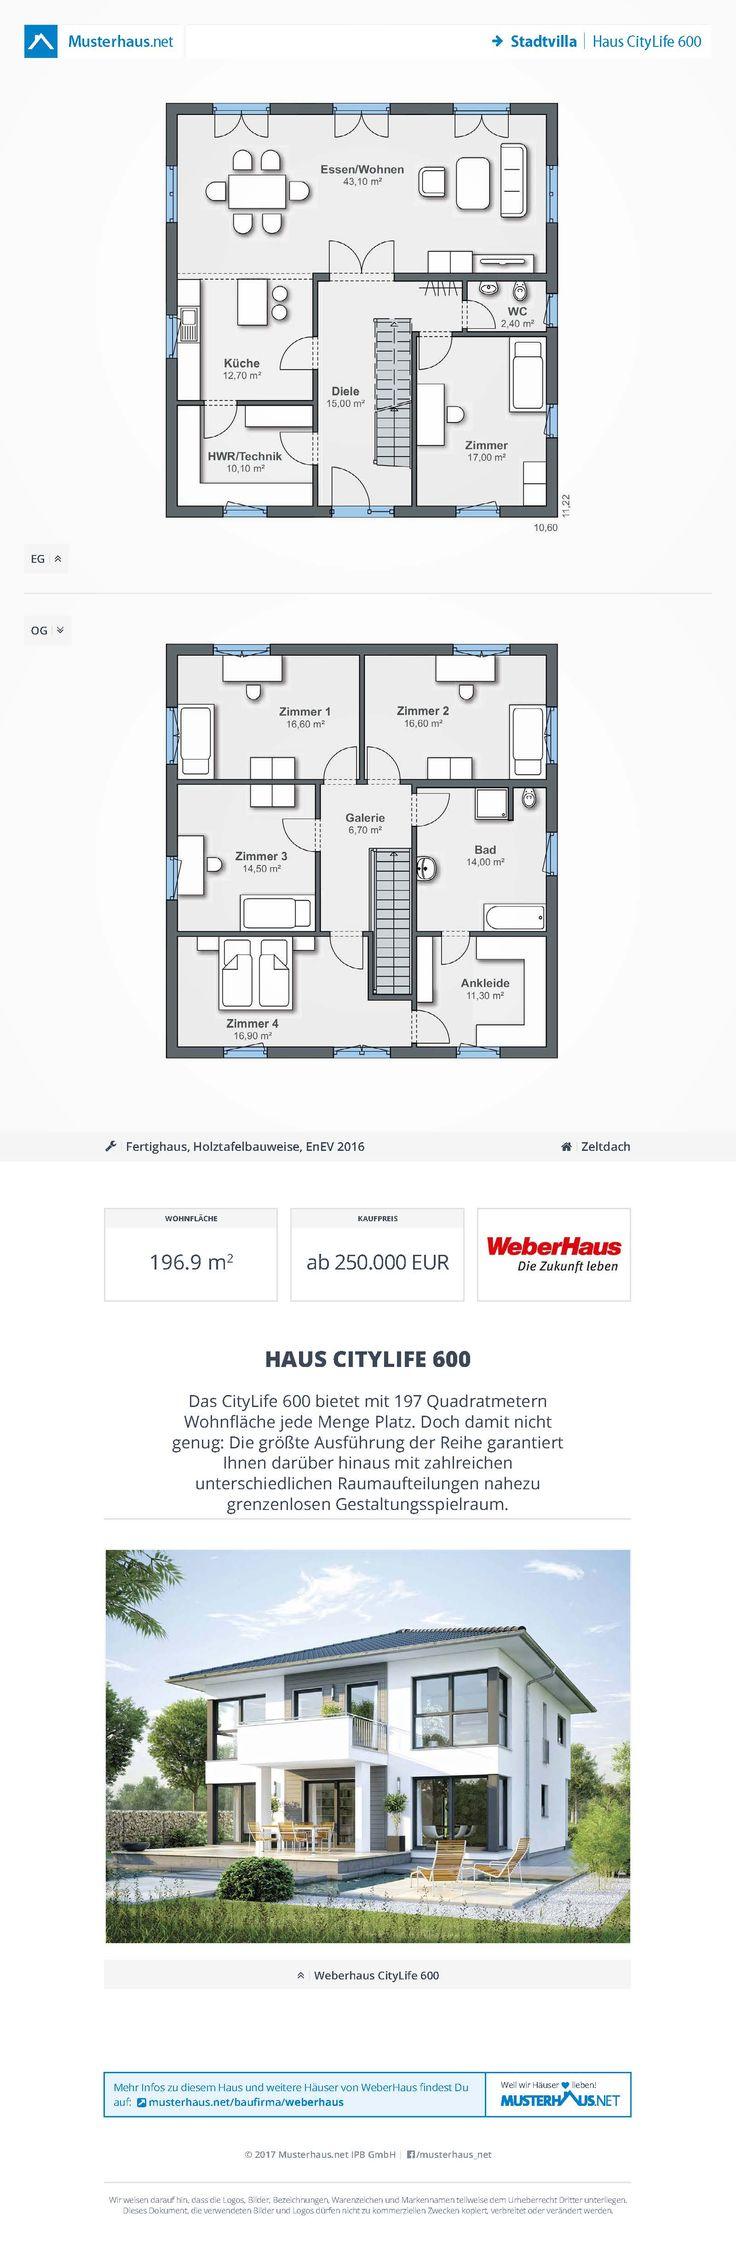 Haus CityLife 600 U2022 Ausbauhaus Von WeberHaus U2022 Energieeffizientes  Fertighaus Mit Offener Küche, Optionalem Erkeranbau